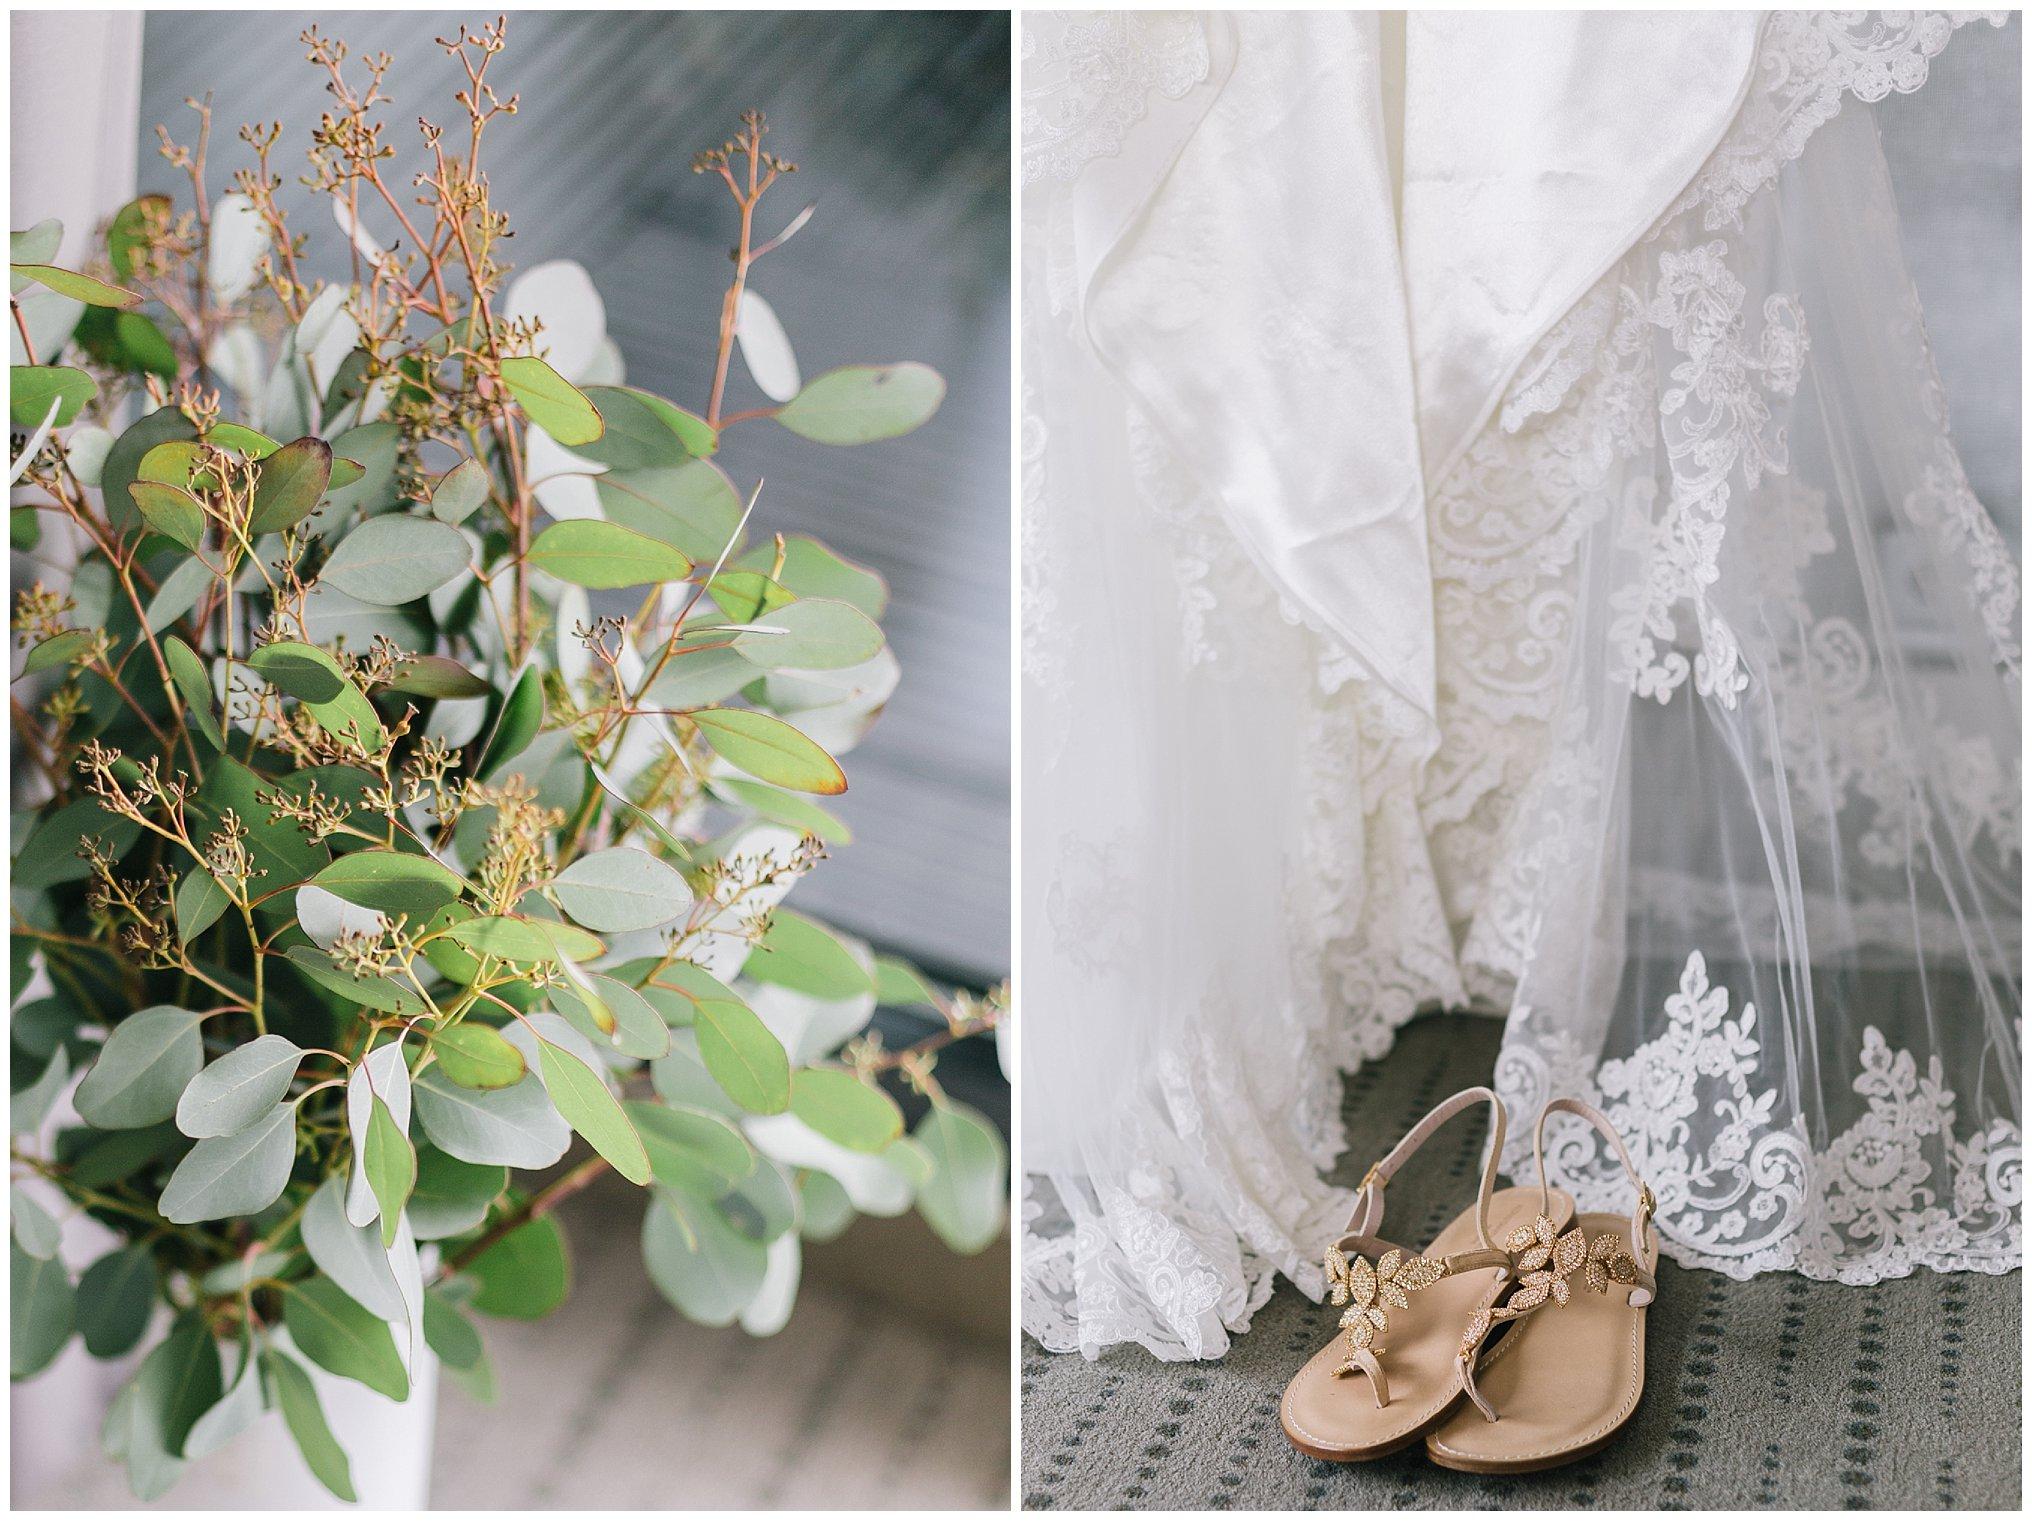 Eukalyptus hochzeit Golfhotel Vesper Hochzeit Sprockhövel Hochzeitsfotograf Jane Weber boho chic vintage fine art